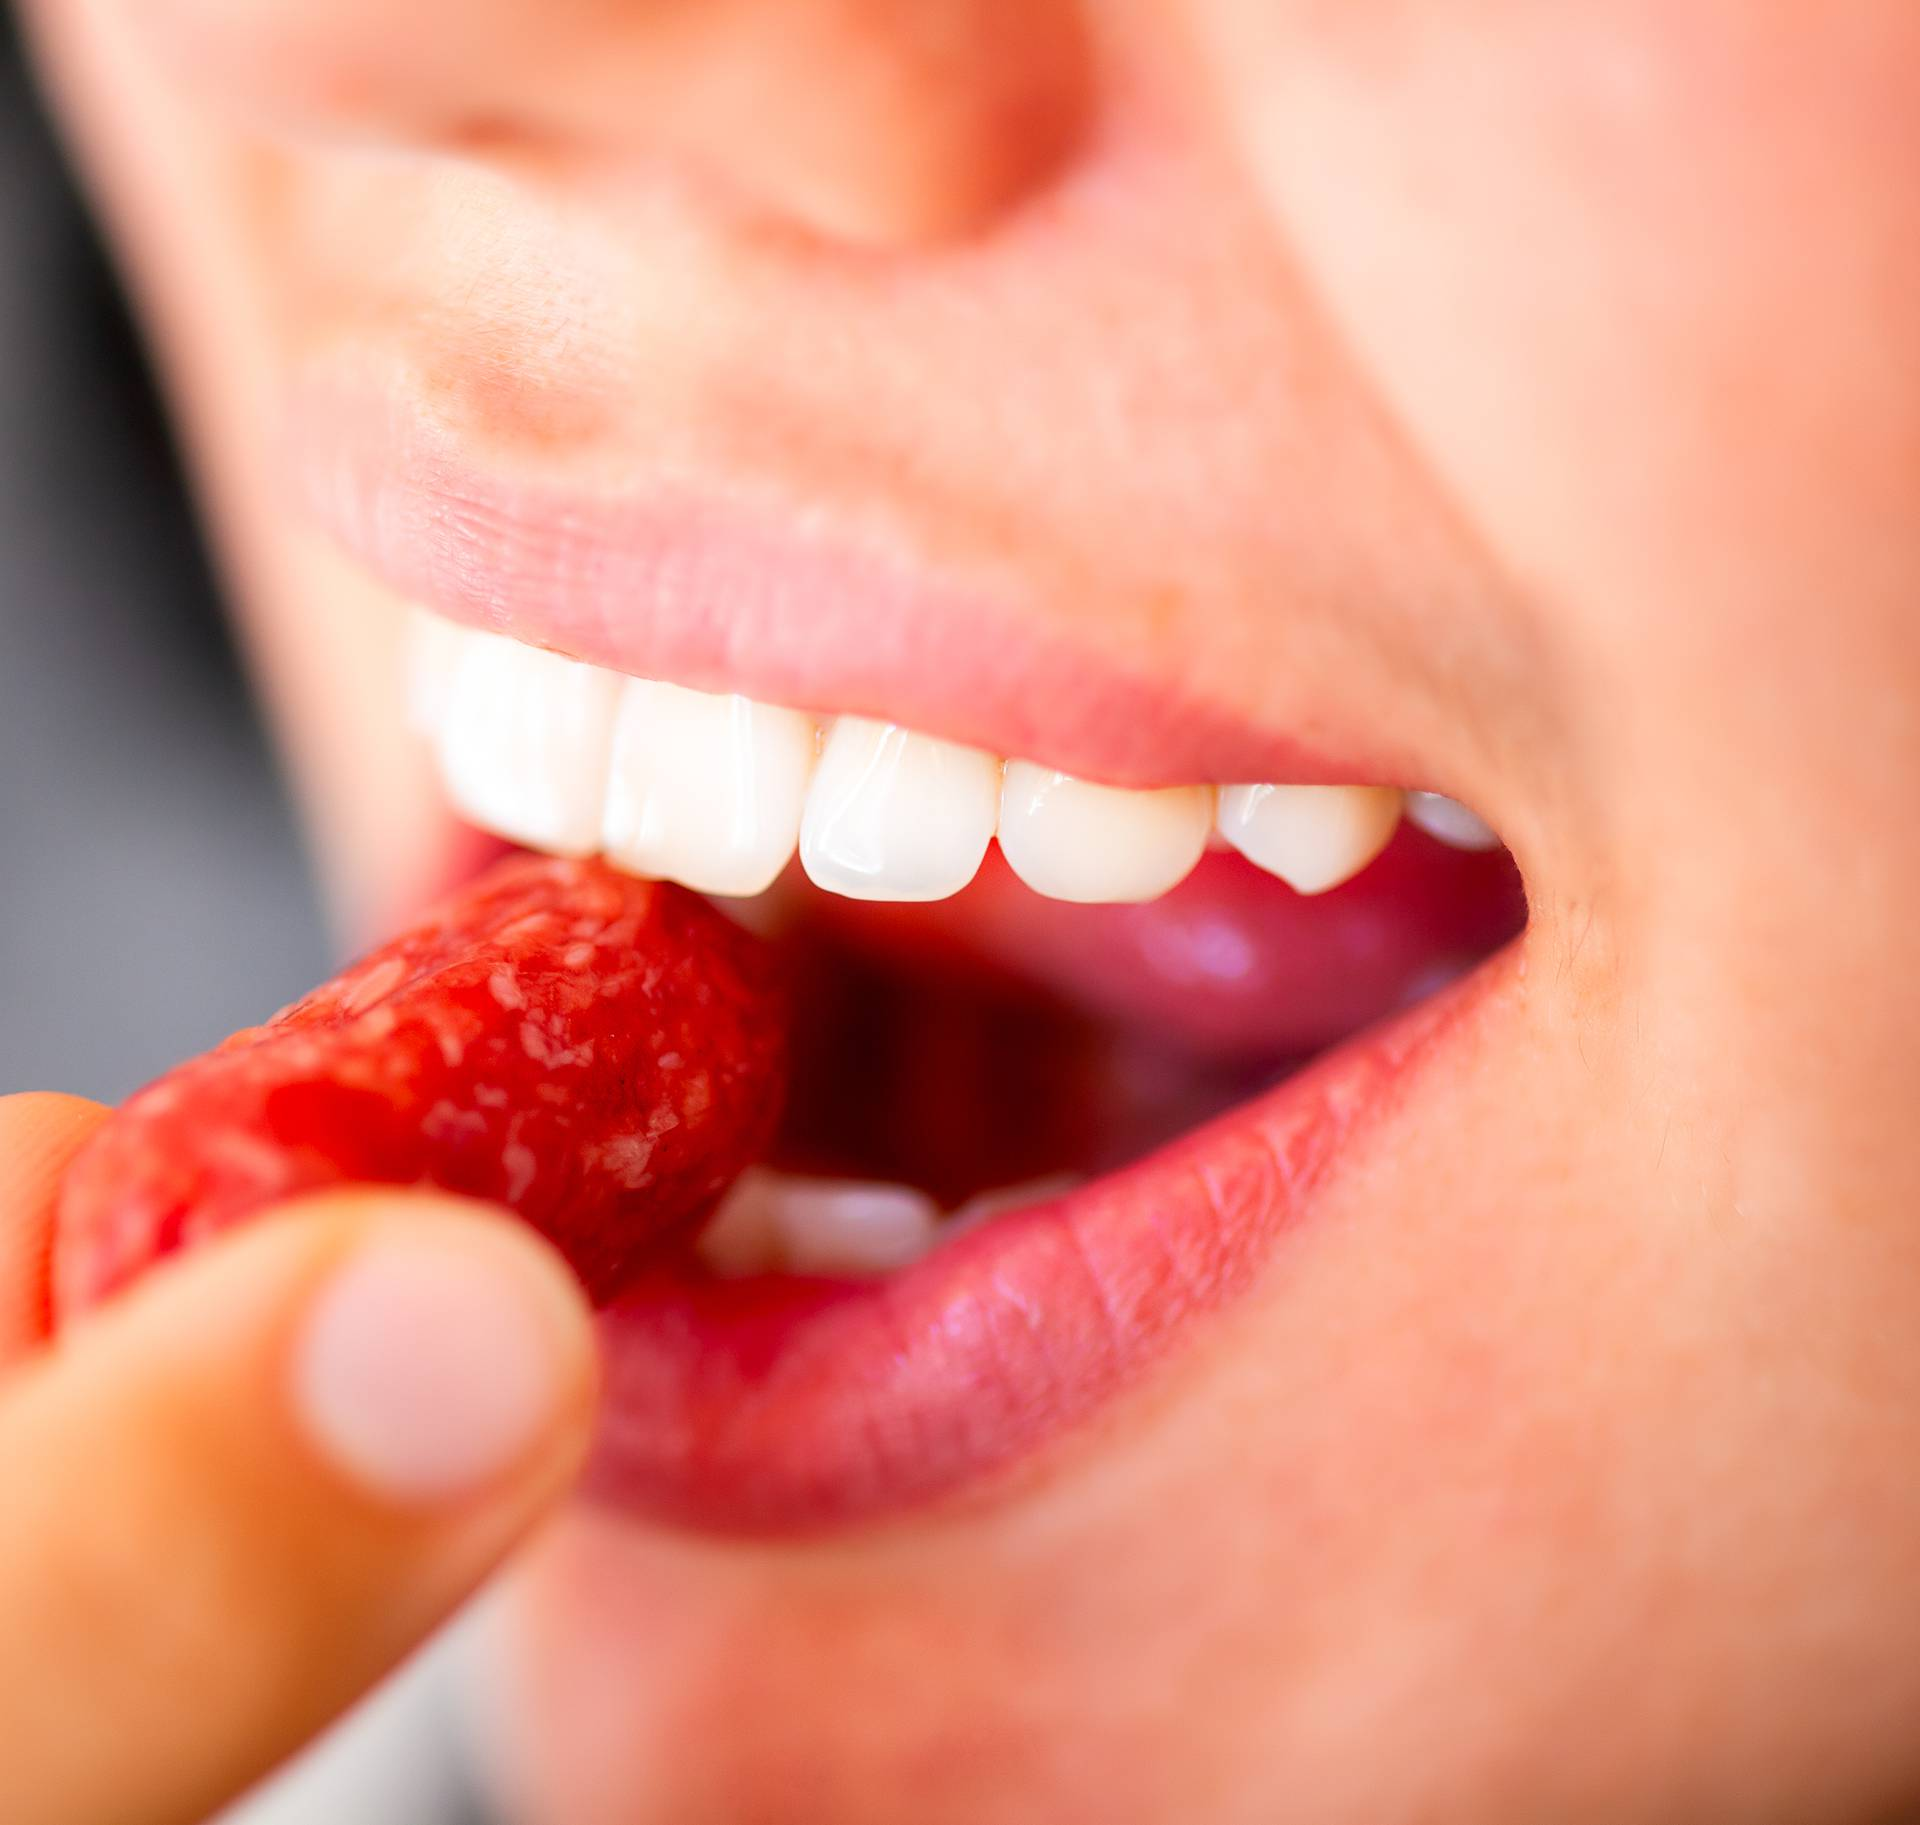 Tijelo vam nešto govori kada jako želite jesti određenu hranu